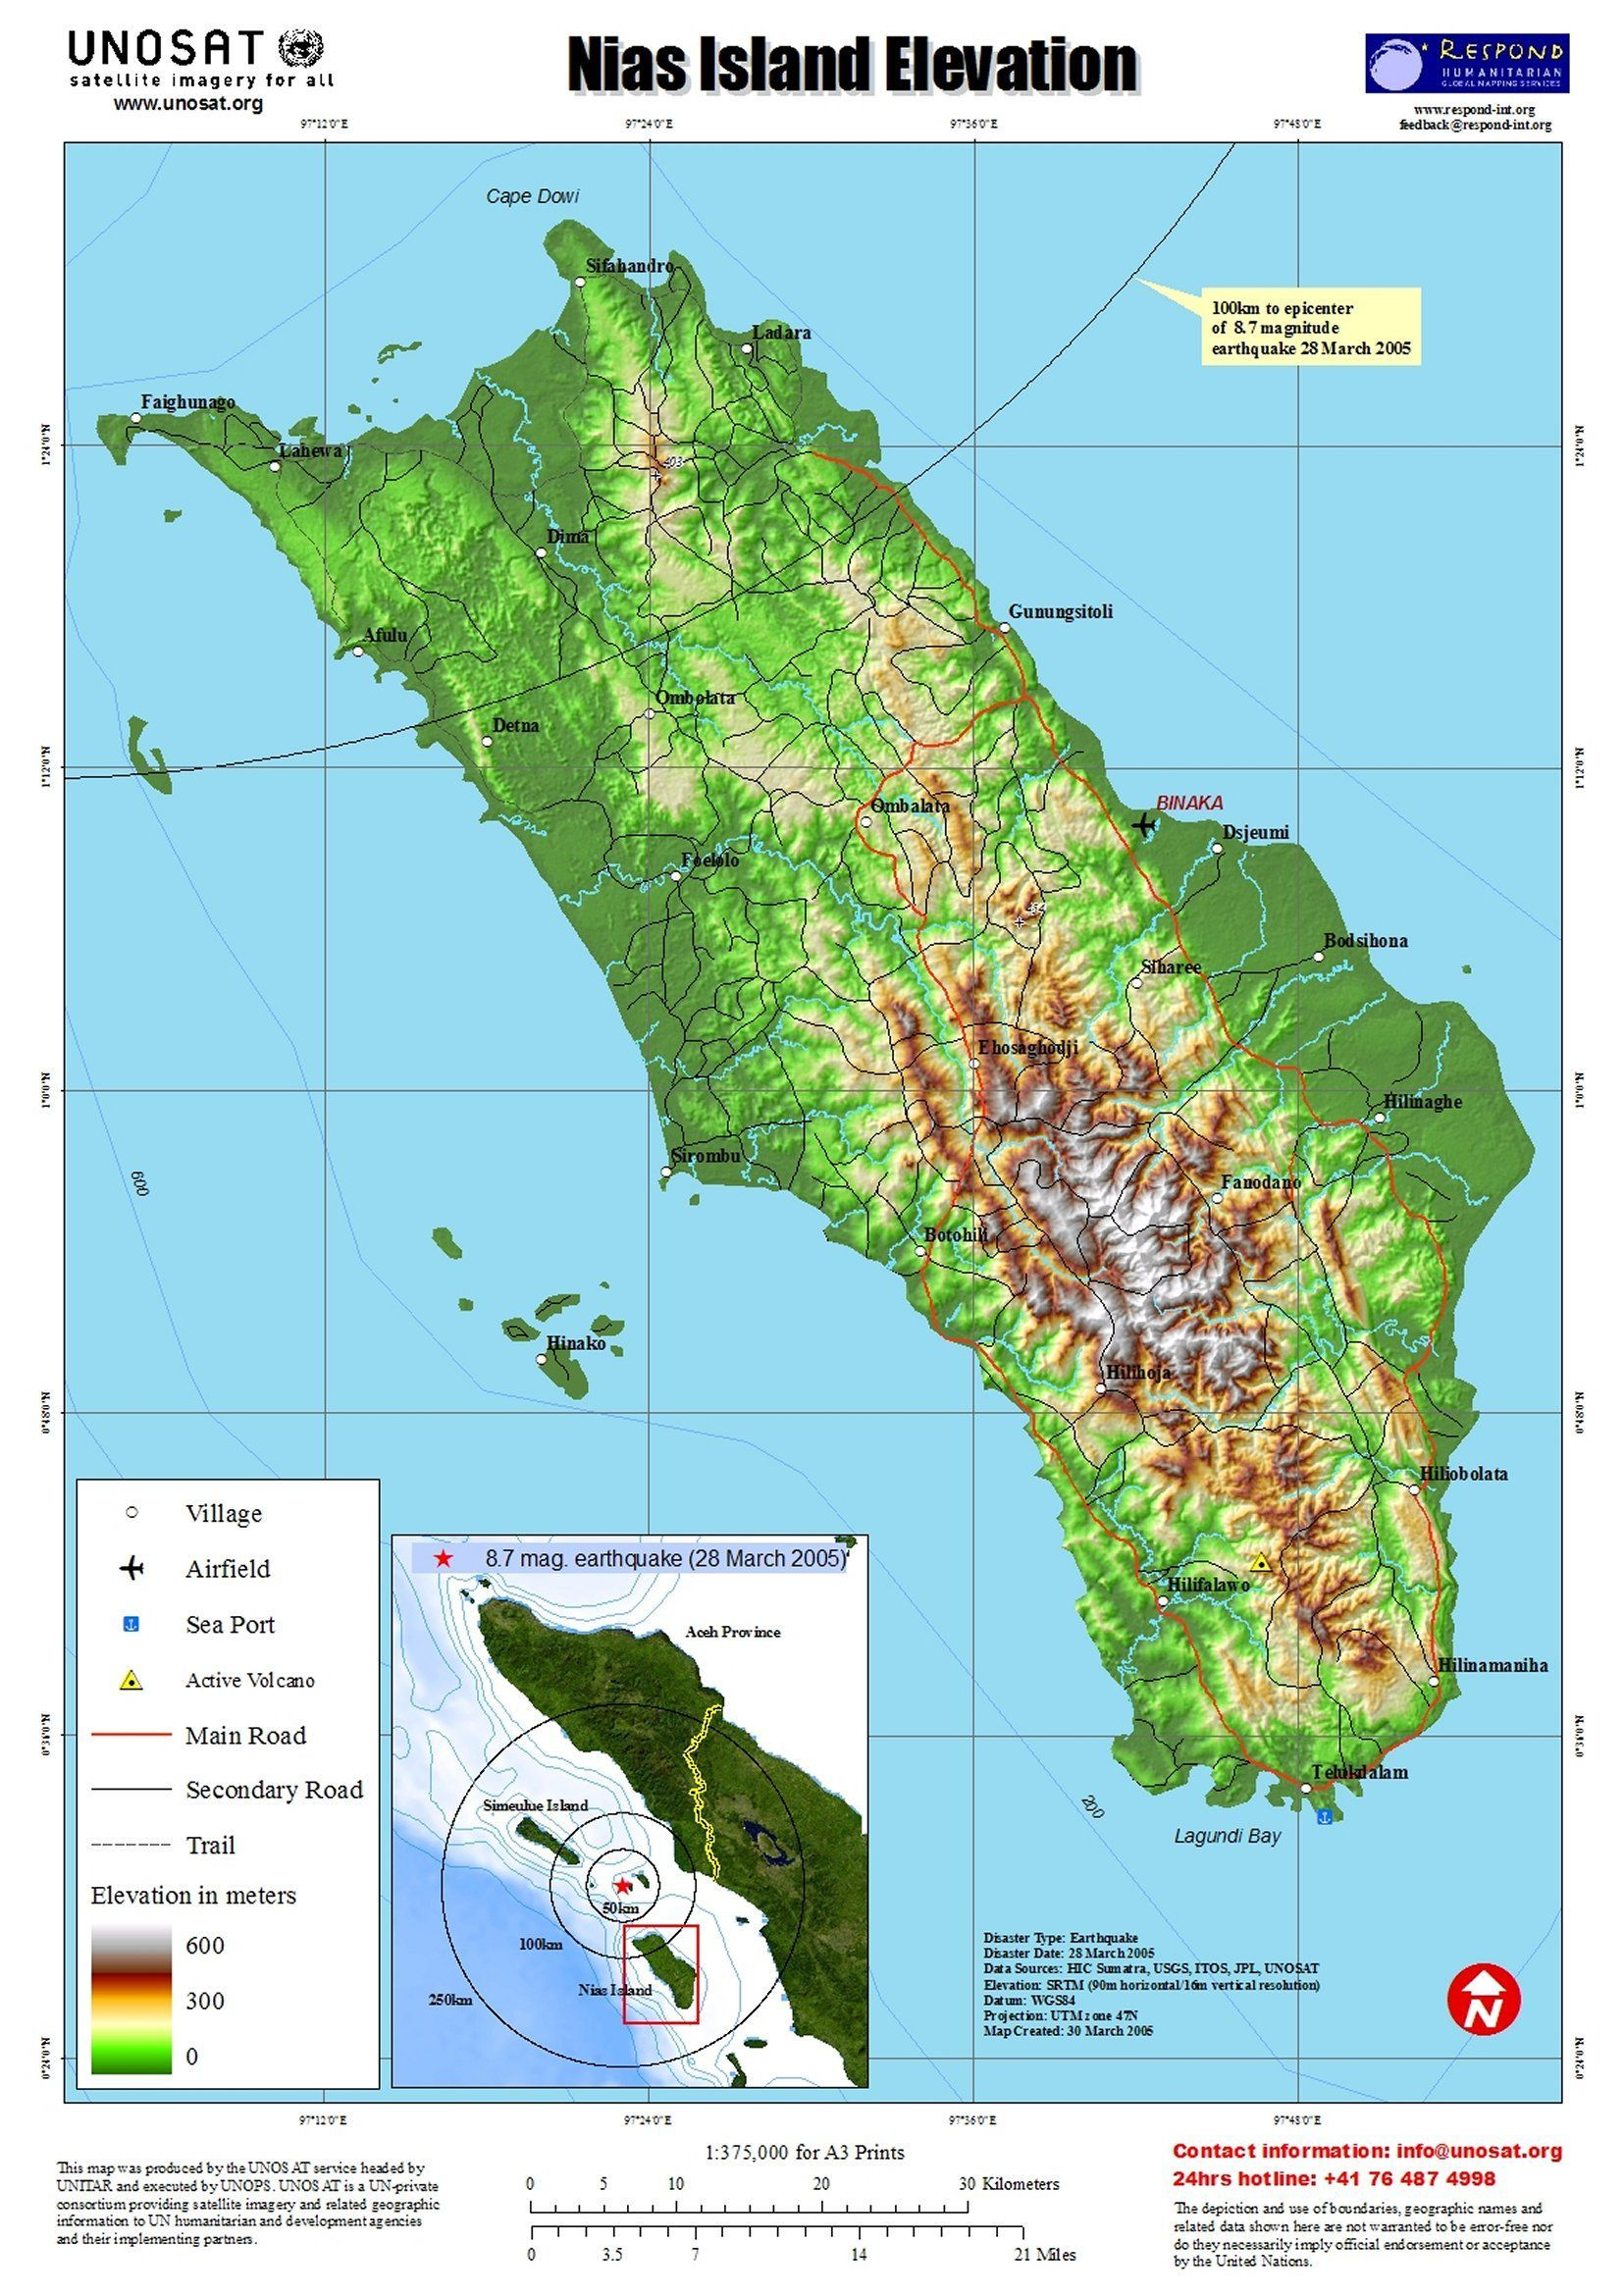 GAMBAR PETA: Peta Pulau Nias